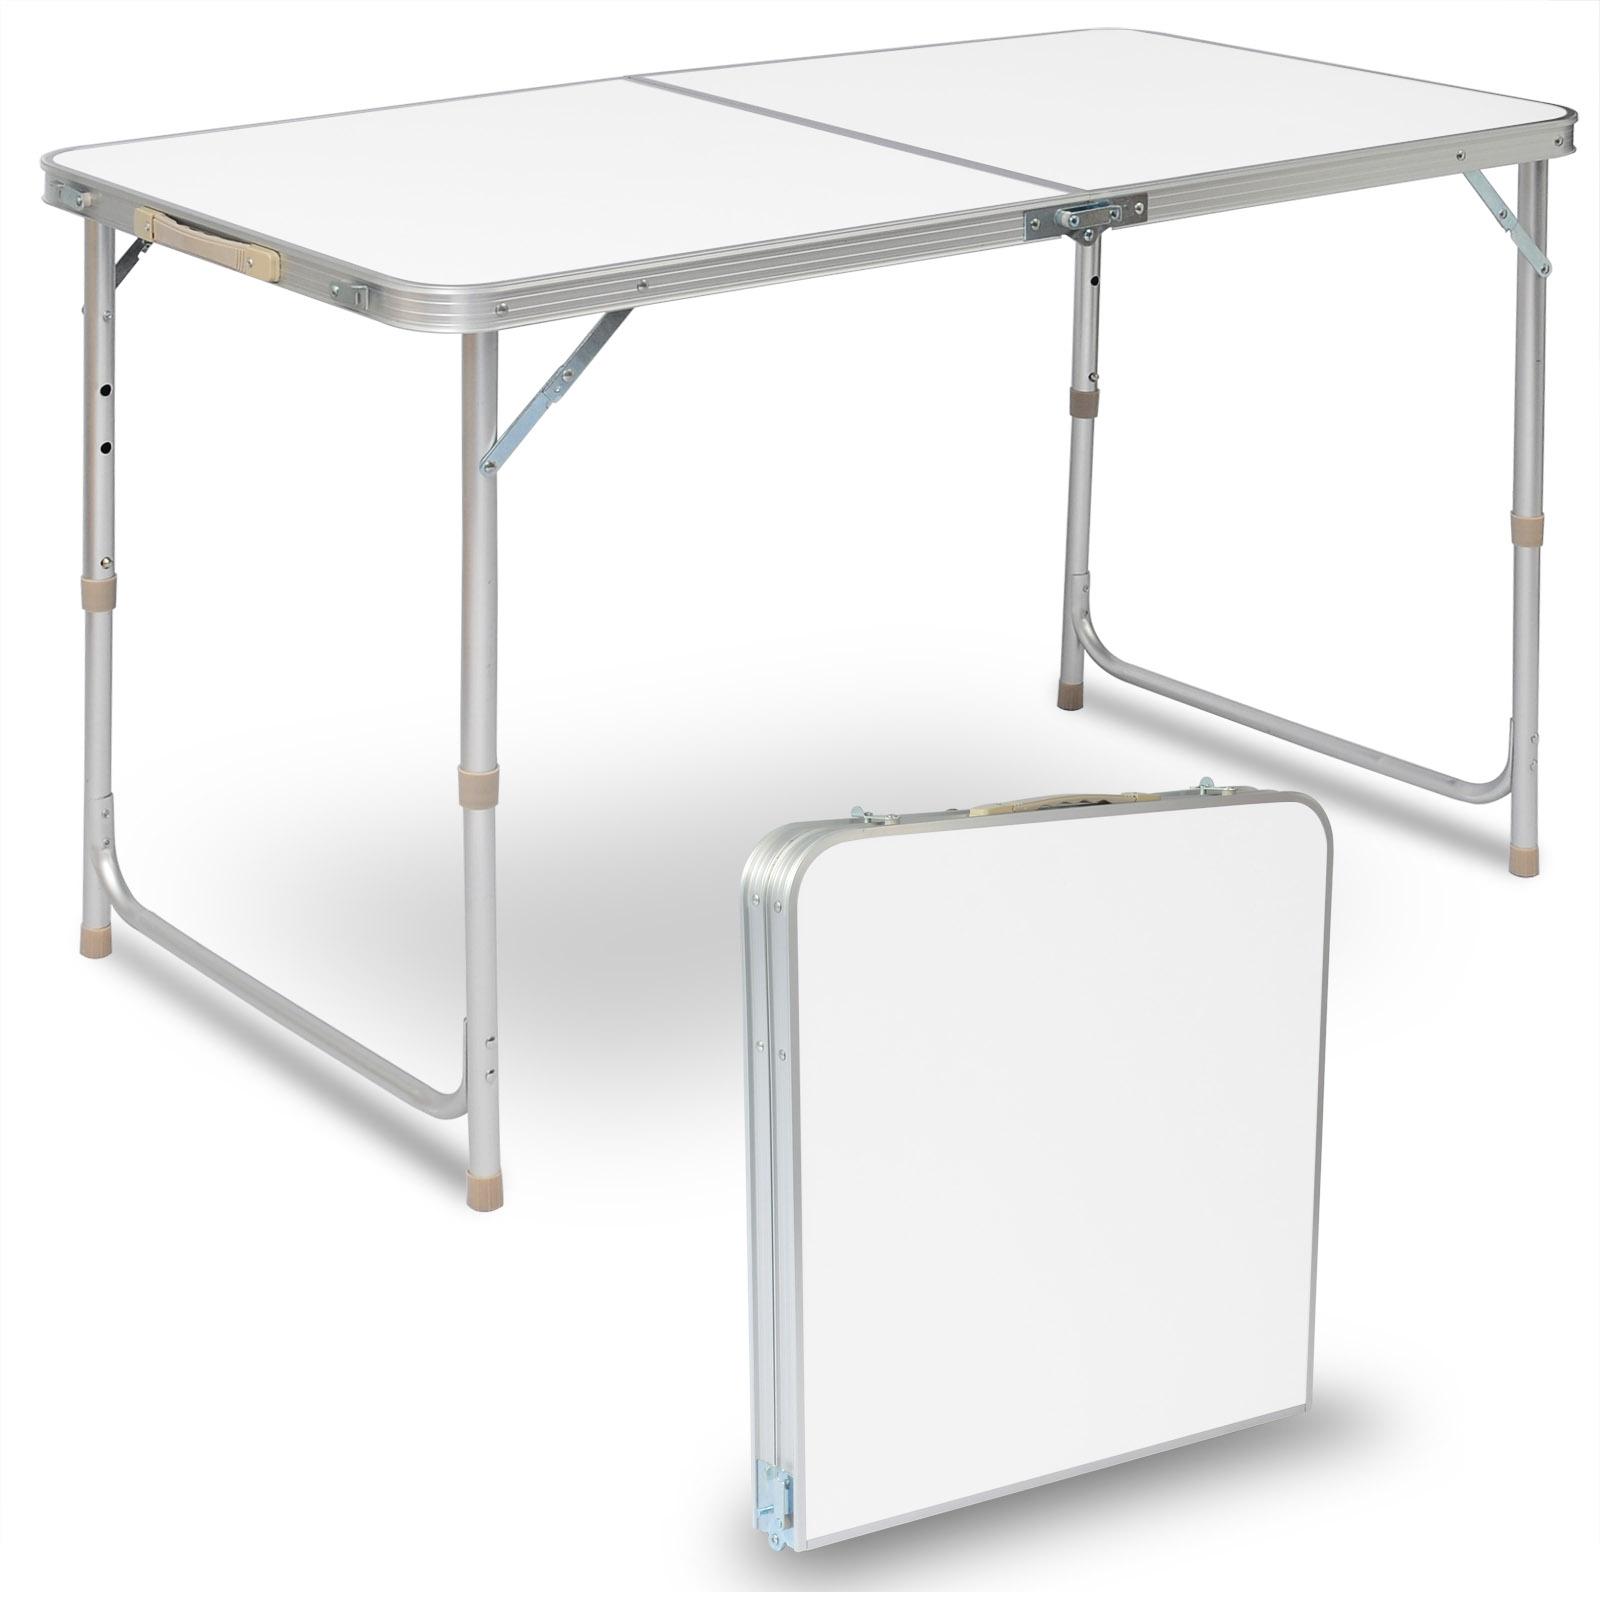 Campingtisch Klapptisch Gartentisch höhenverstellbar MDF Flattisch CPT8121sz